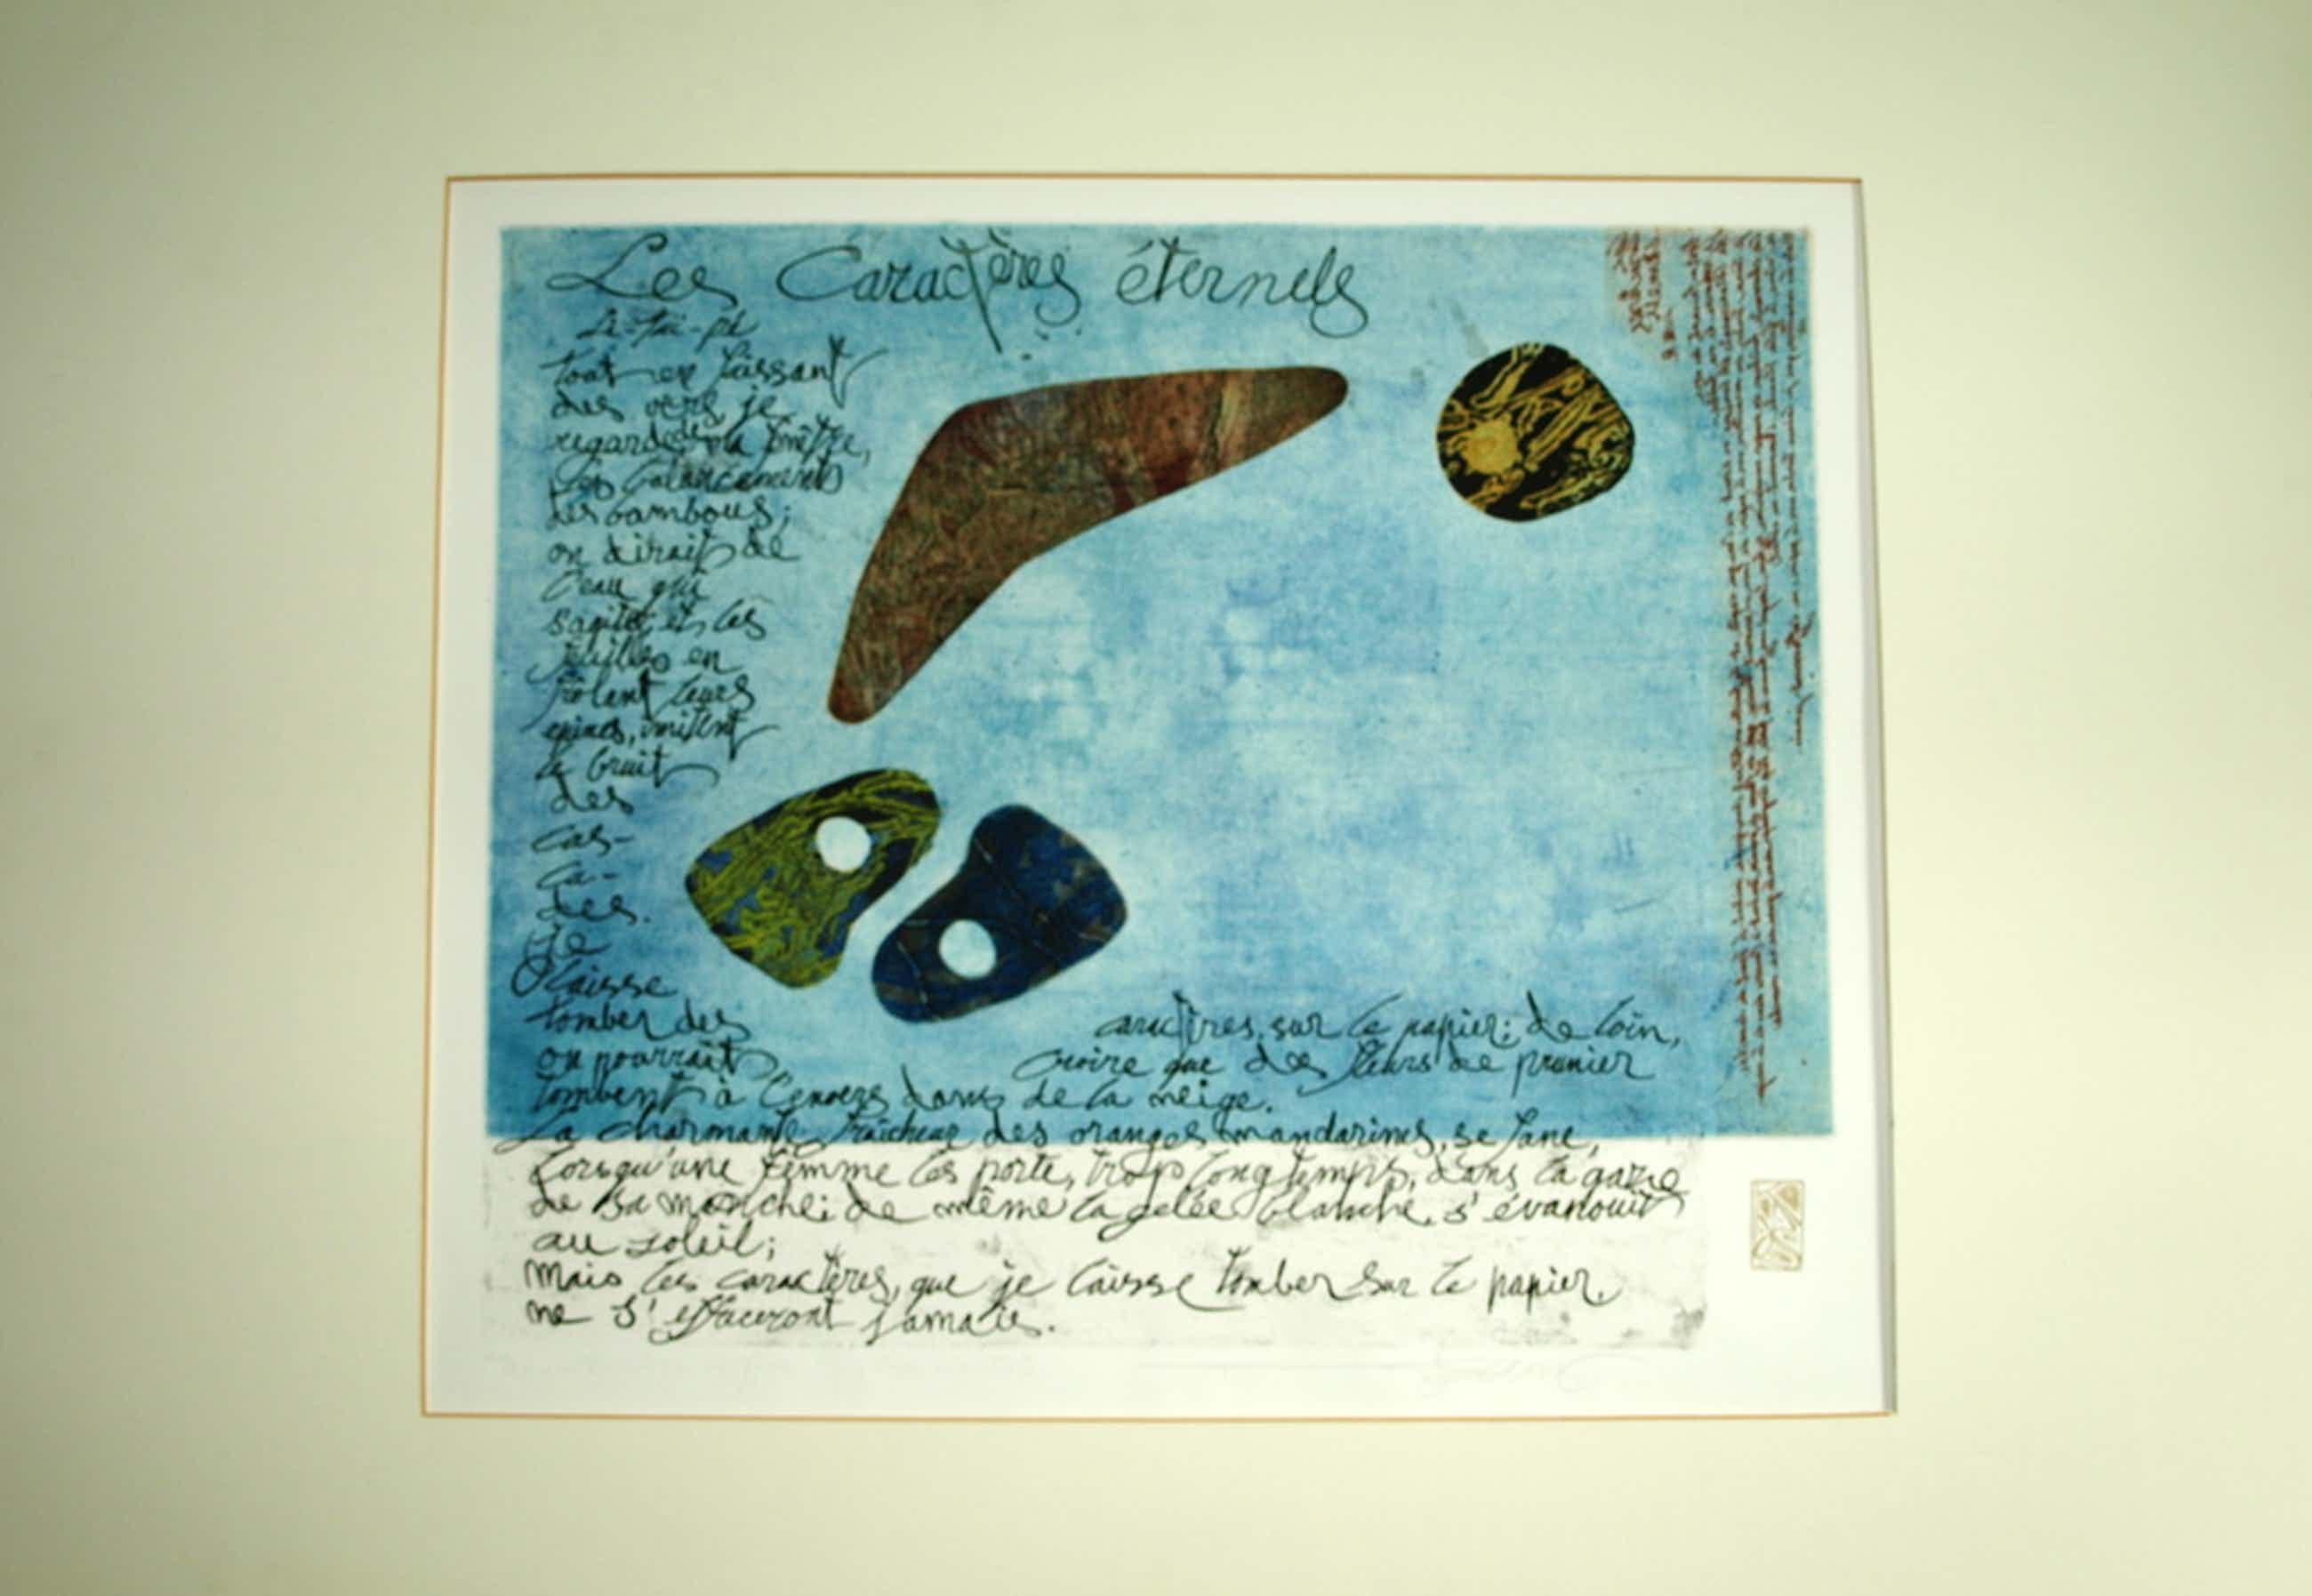 Koos van der Sluys: kleurets - Les Charactères Eternels - uit 'Livre de Jade' kopen? Bied vanaf 60!